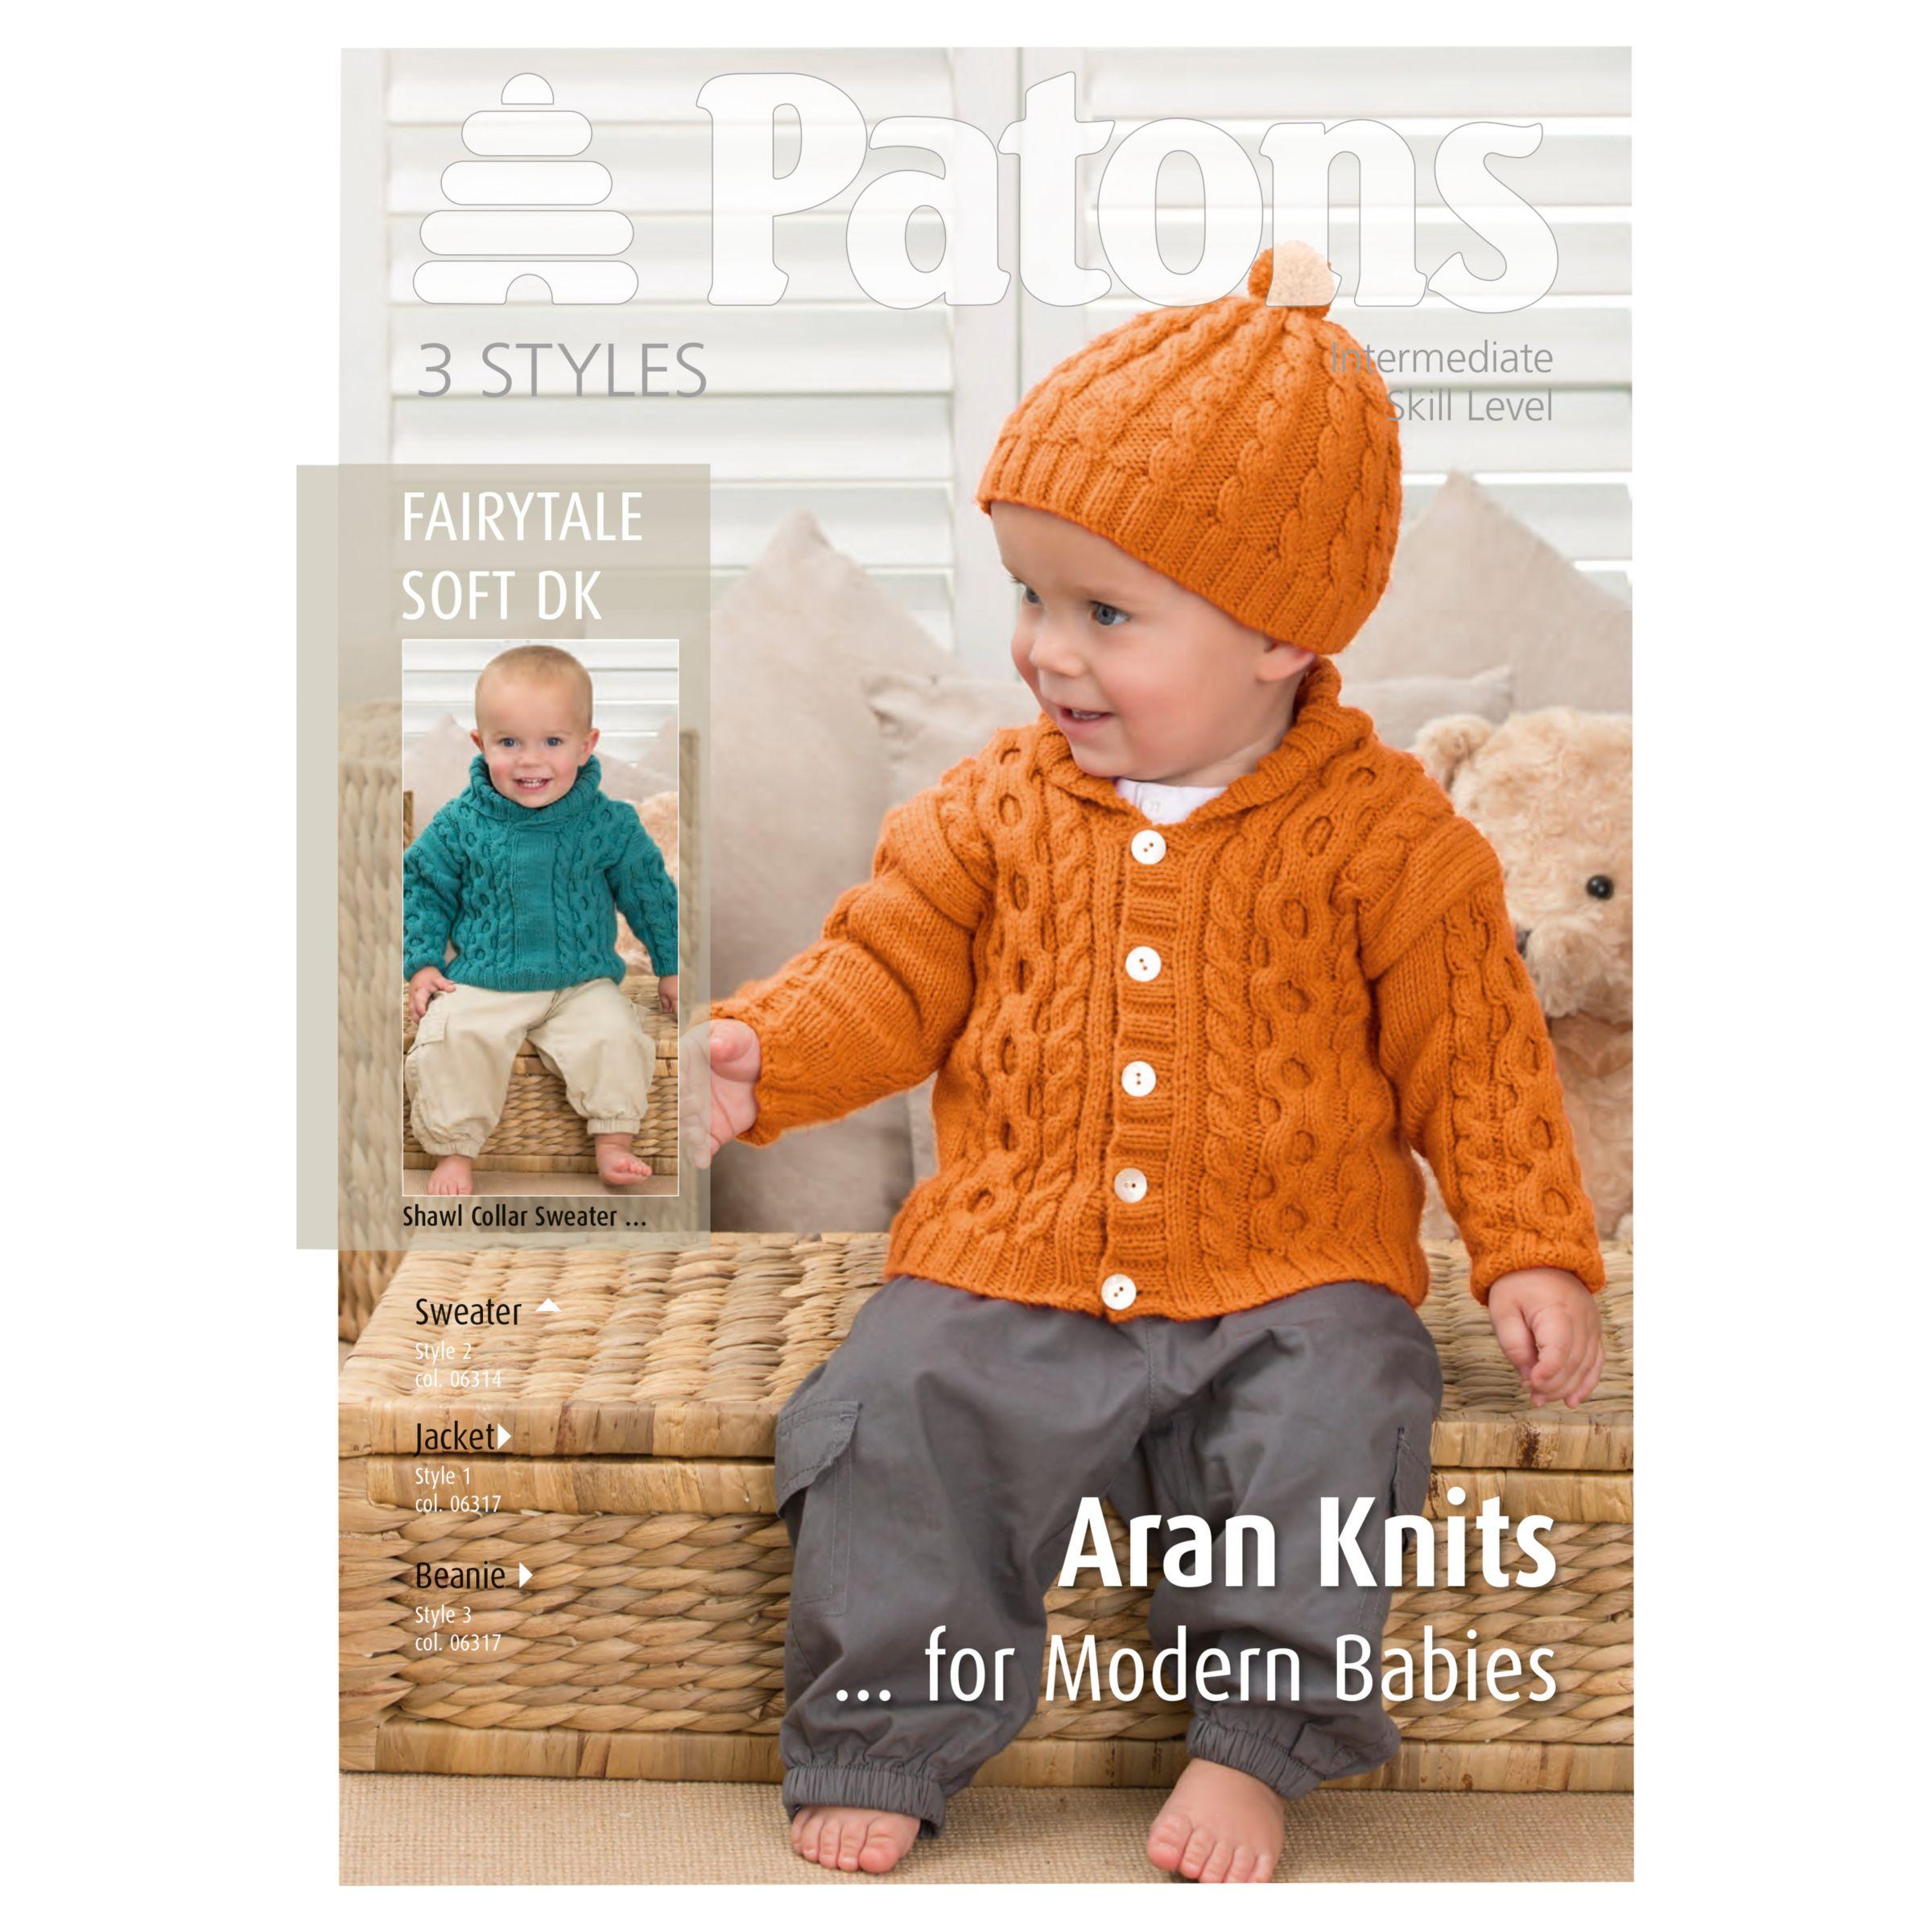 Knitting Pattern John Lewis : Buy Patons DK Modern Baby Aran Knitting Pattern John Lewis